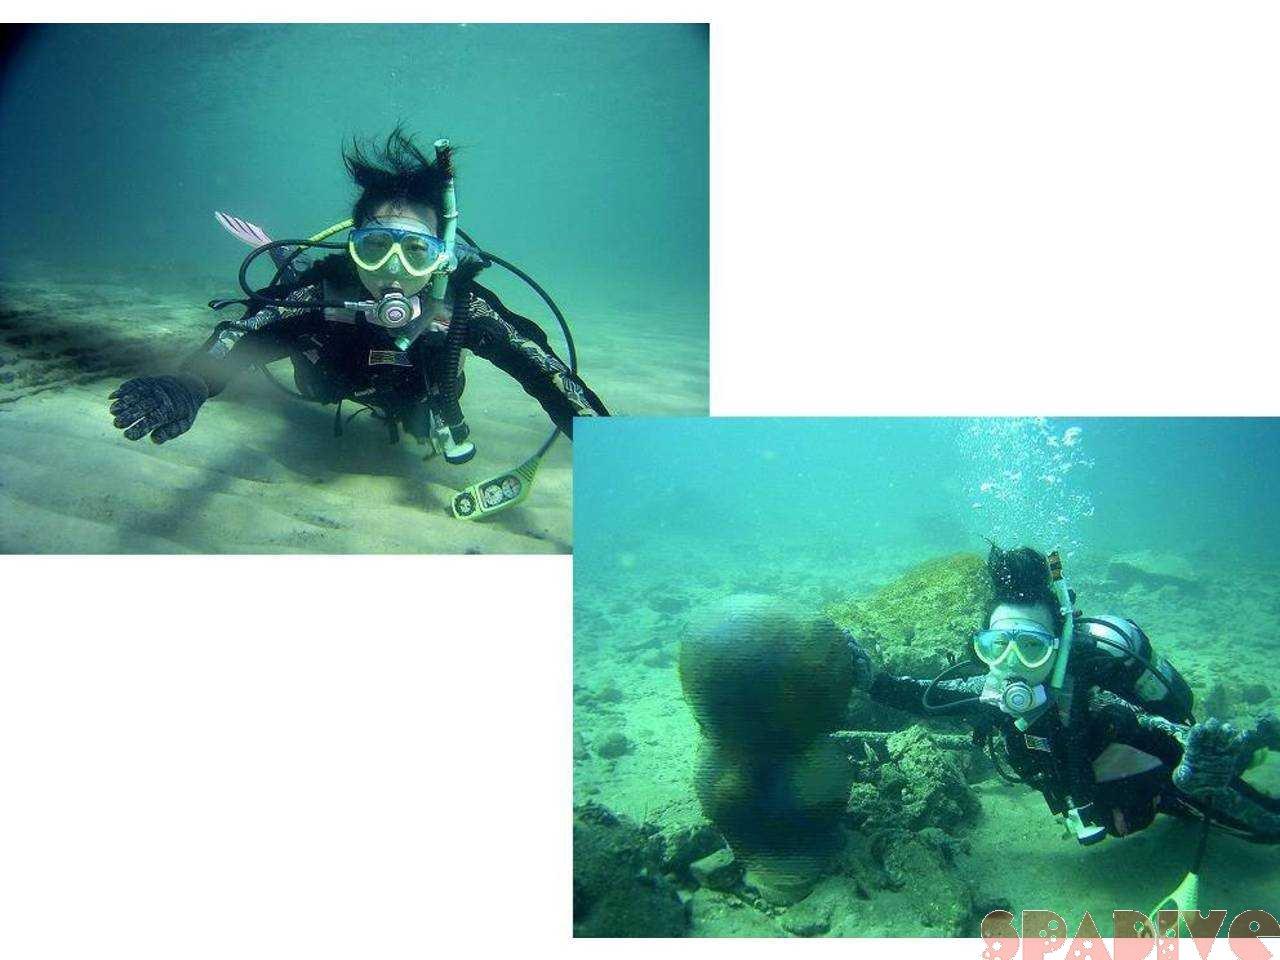 体験ダイビング|12/28/2004白浜権現崎